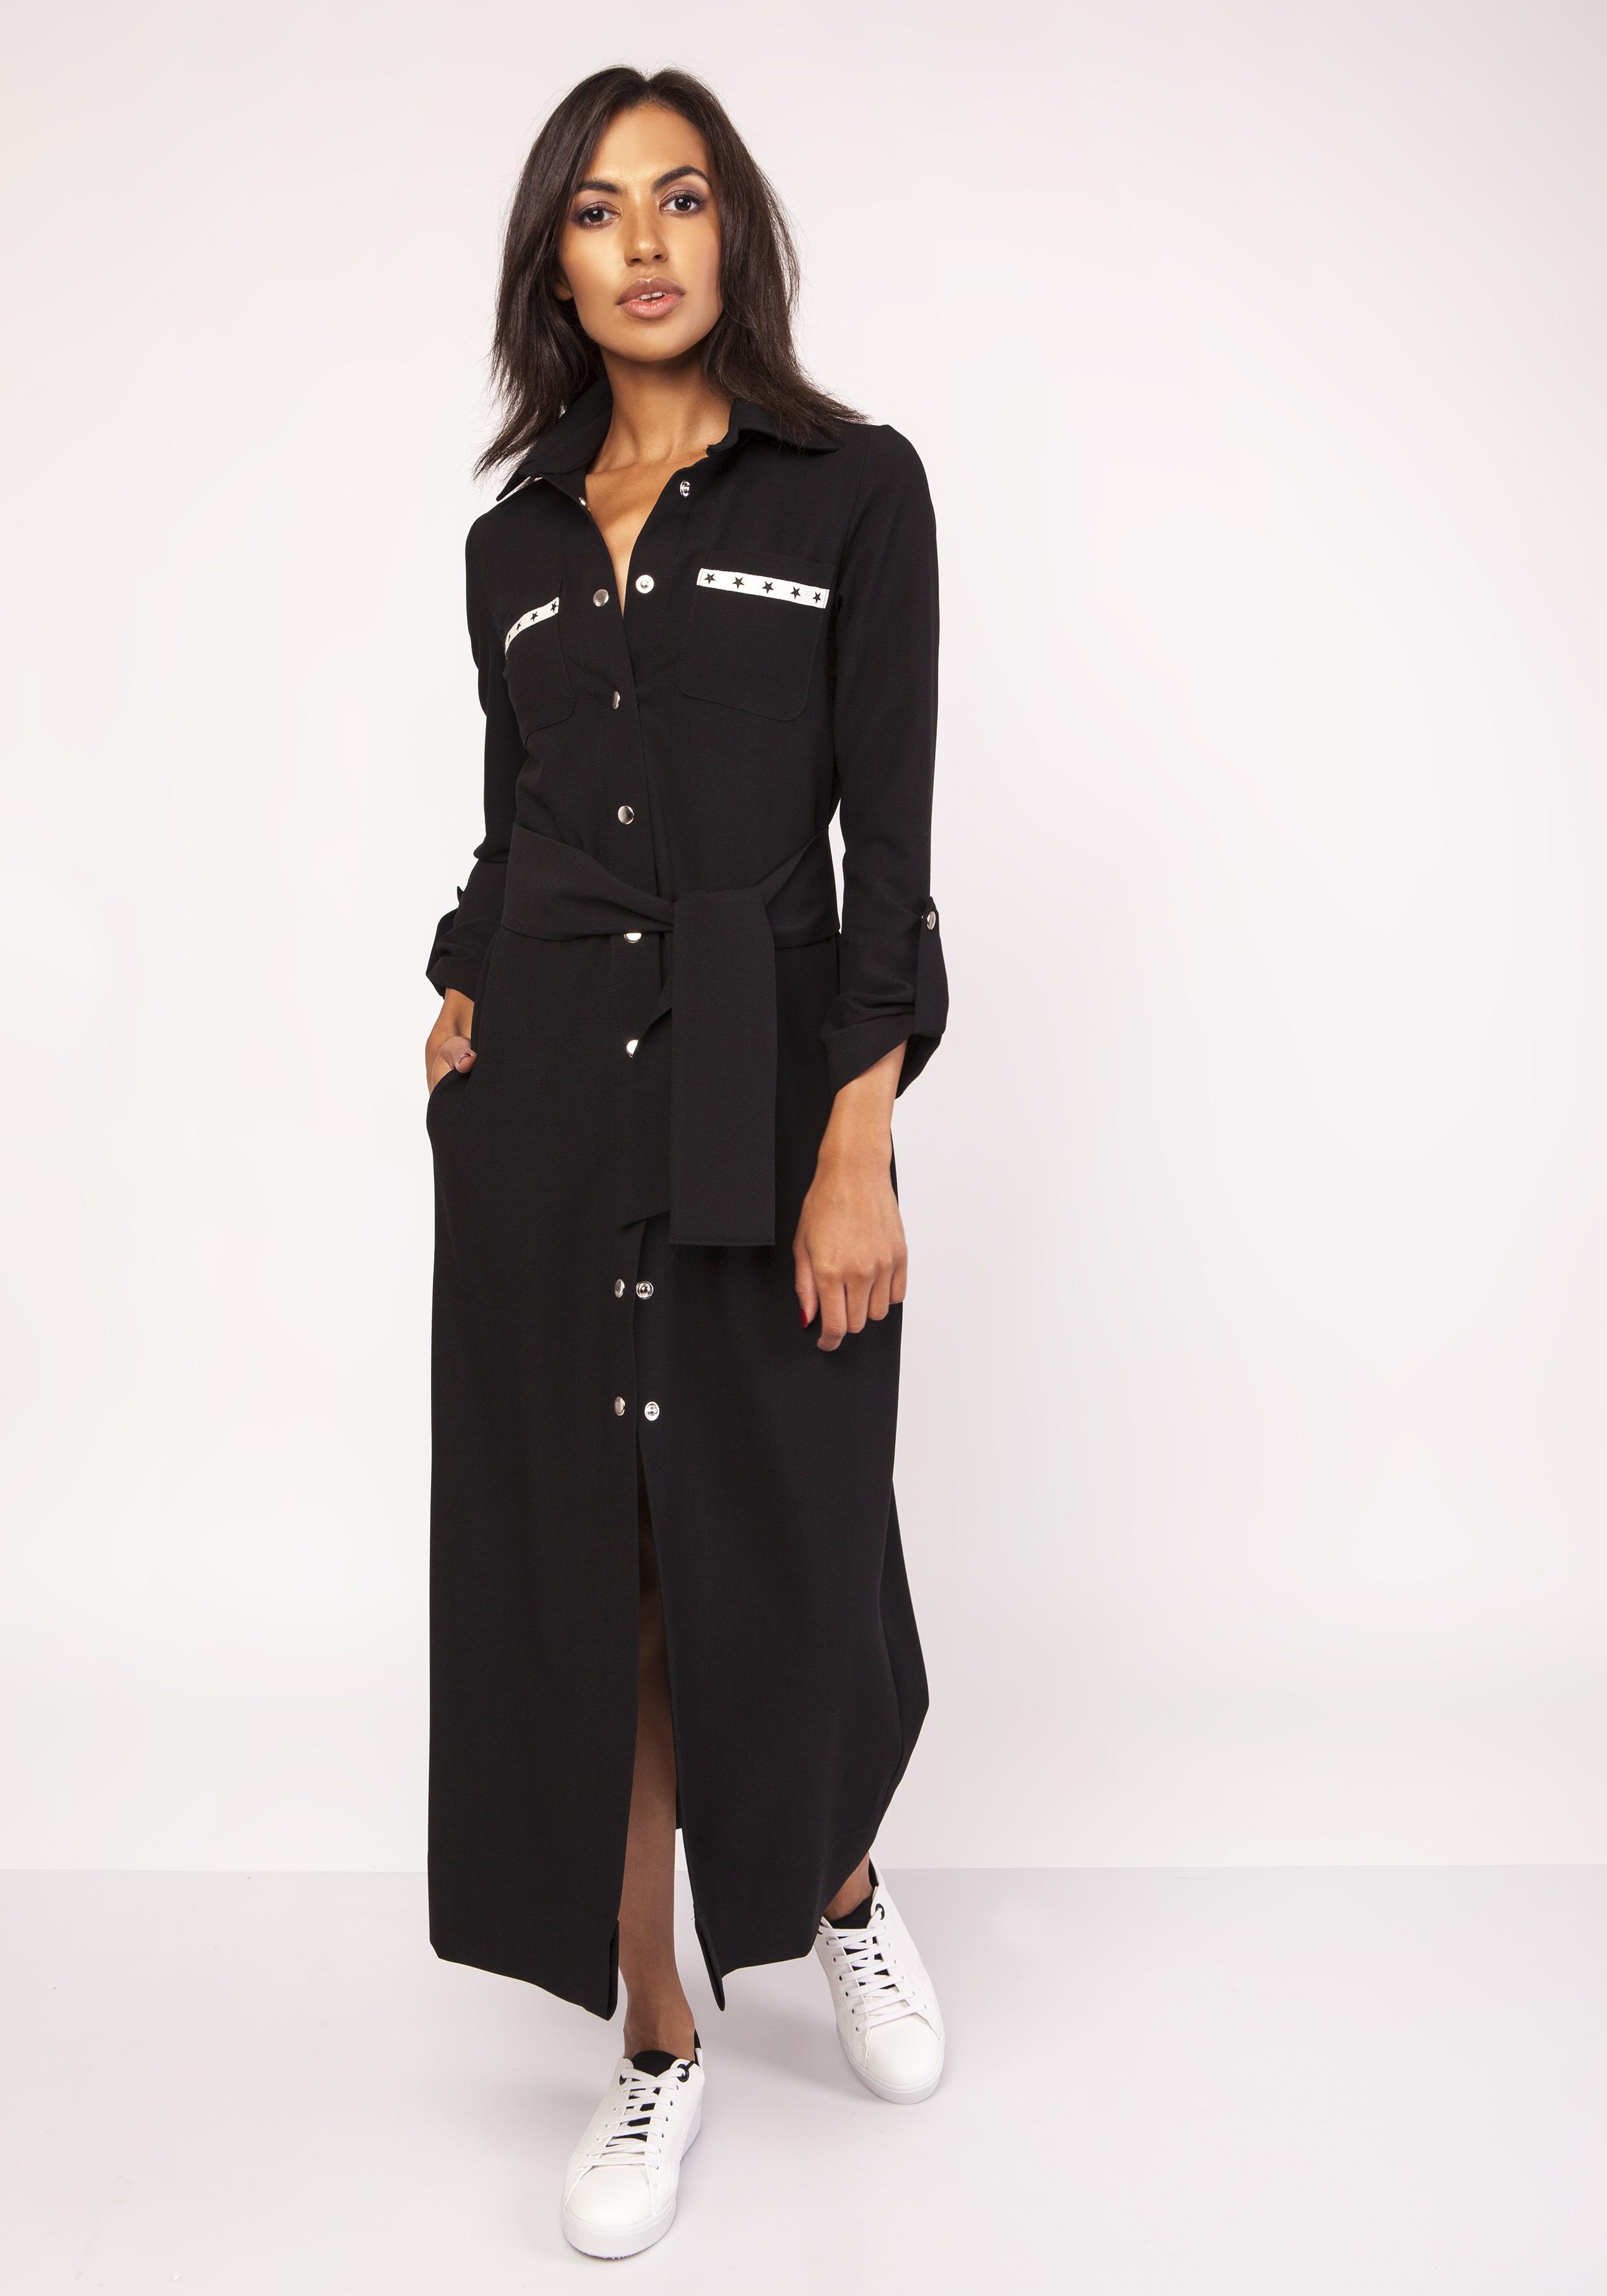 e571b2b865 Długa sukienka do kostek zapinana na napy czarna - wysyłka od 5